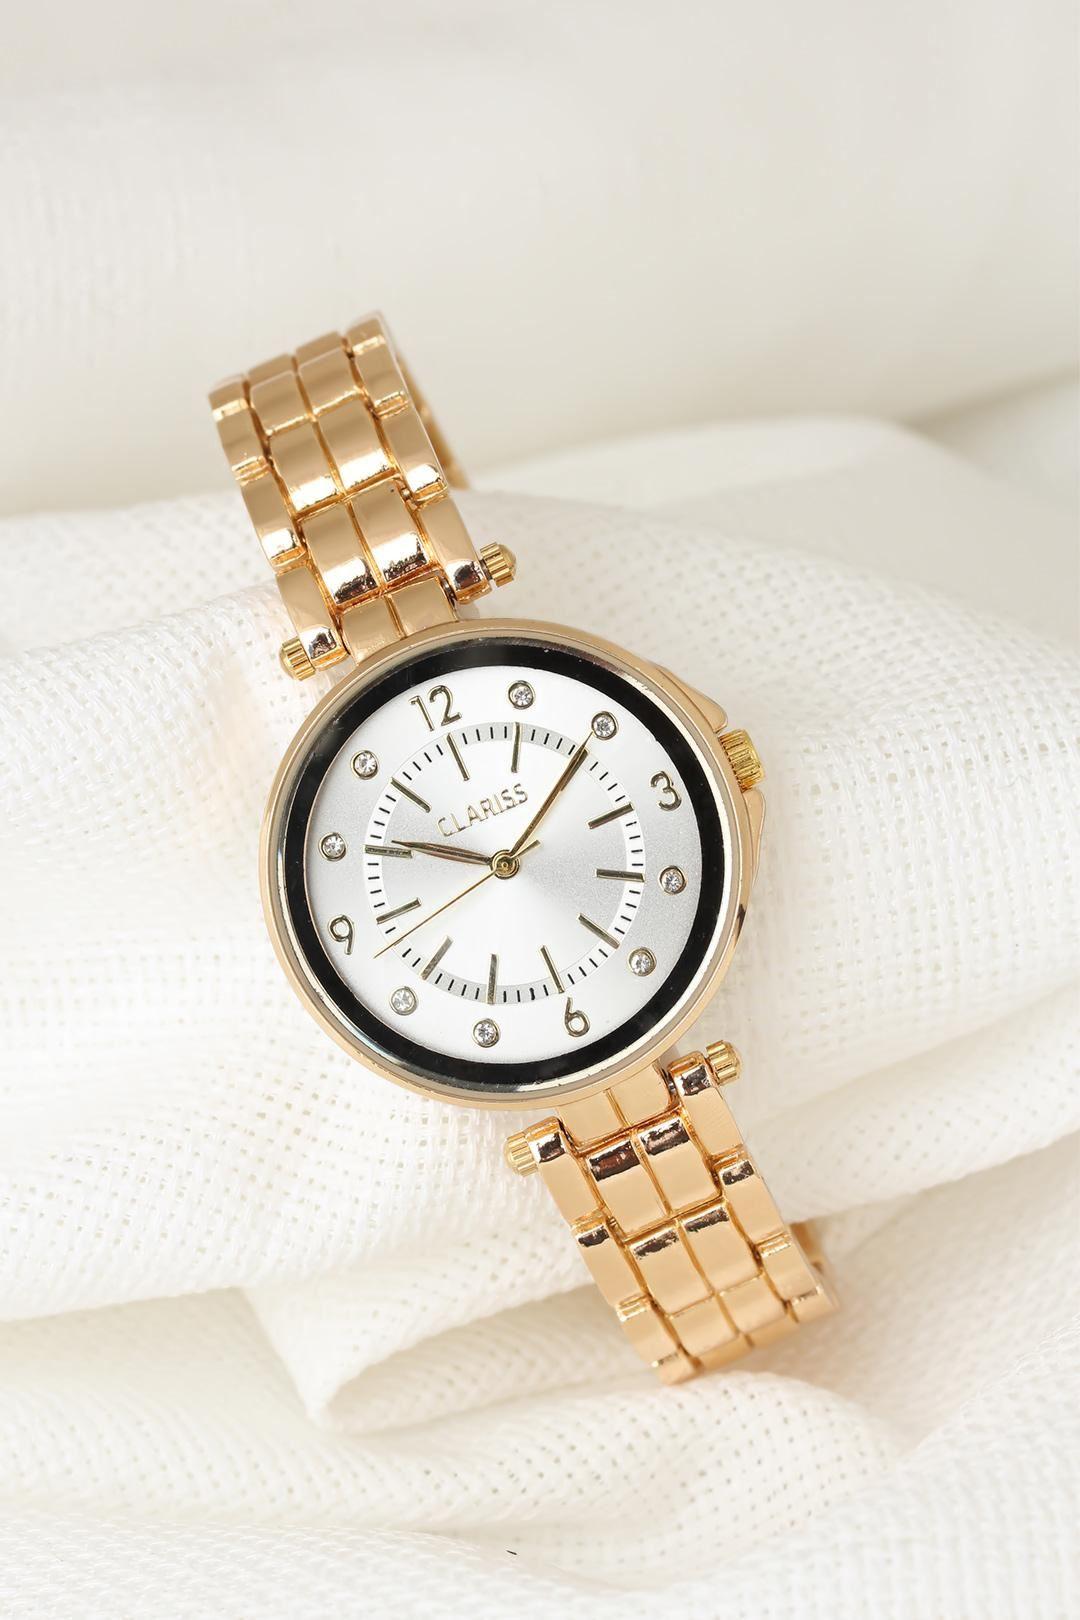 Gold Renk Metal Kordonlu Beyaz Renk Taşlı İç Tasarımlı Clariss Marka Bayan Kol Saati